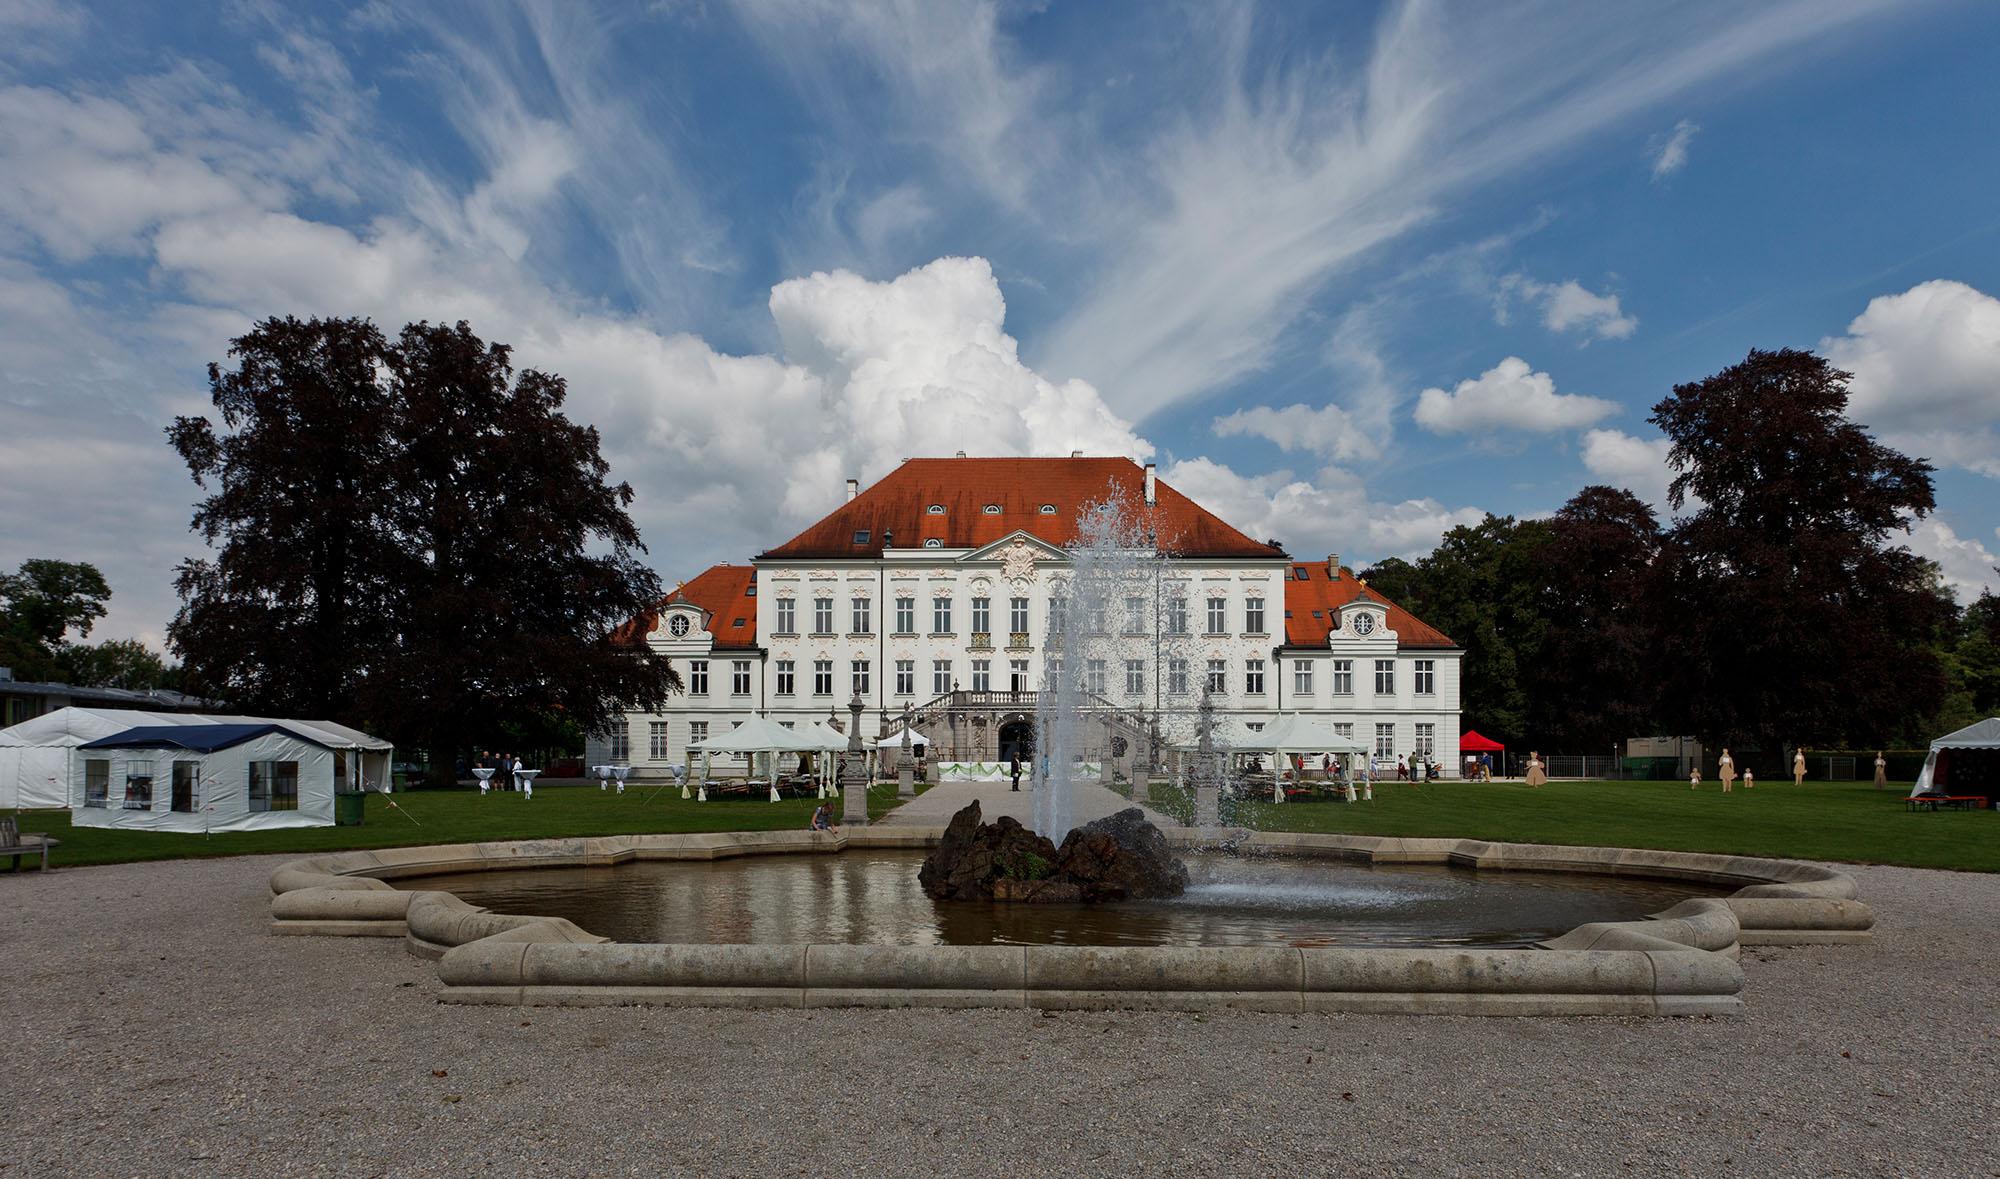 Haimhauser Schloss